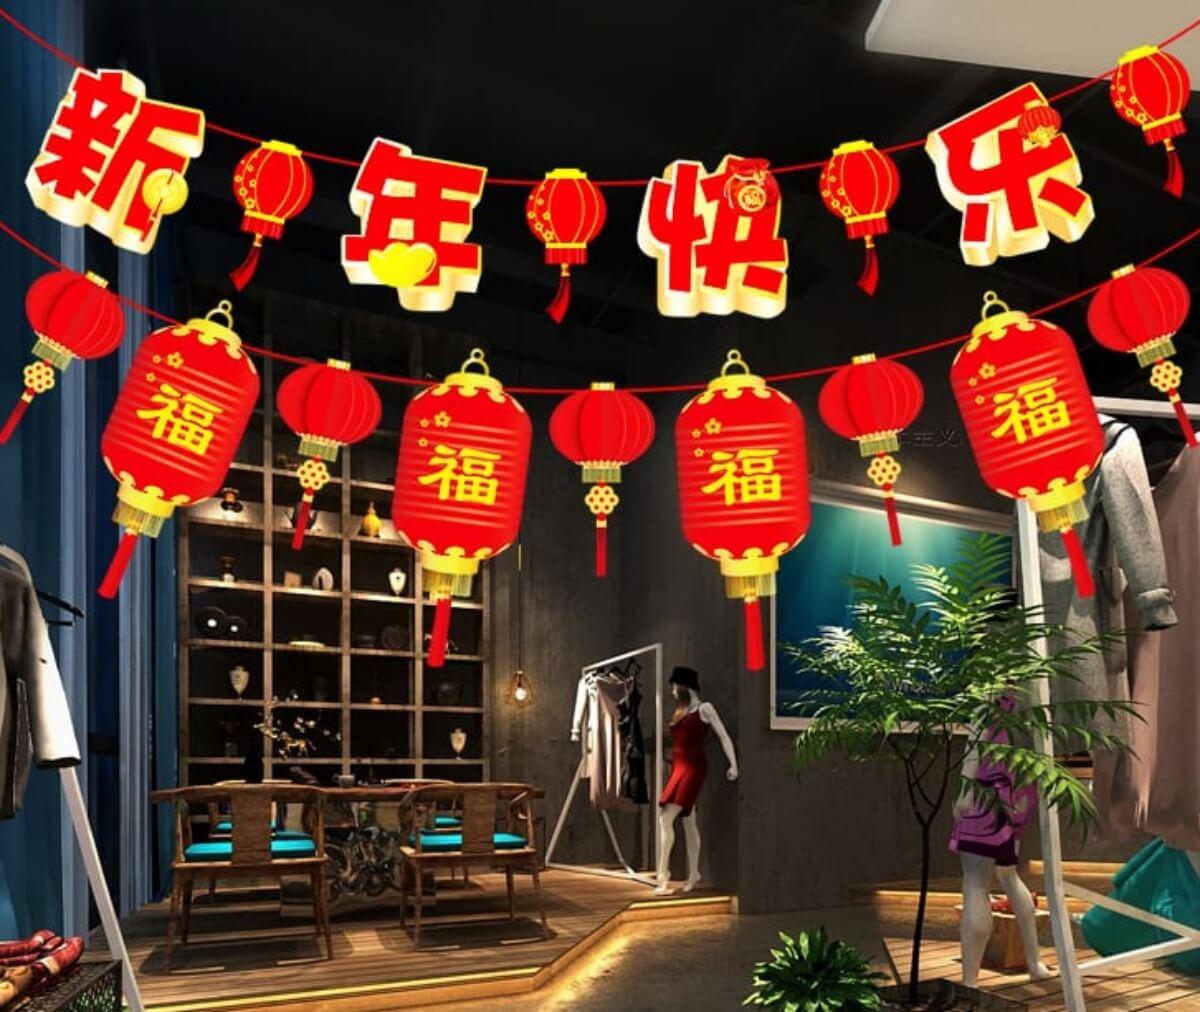 โคมไฟประดับวันตรุษจีน